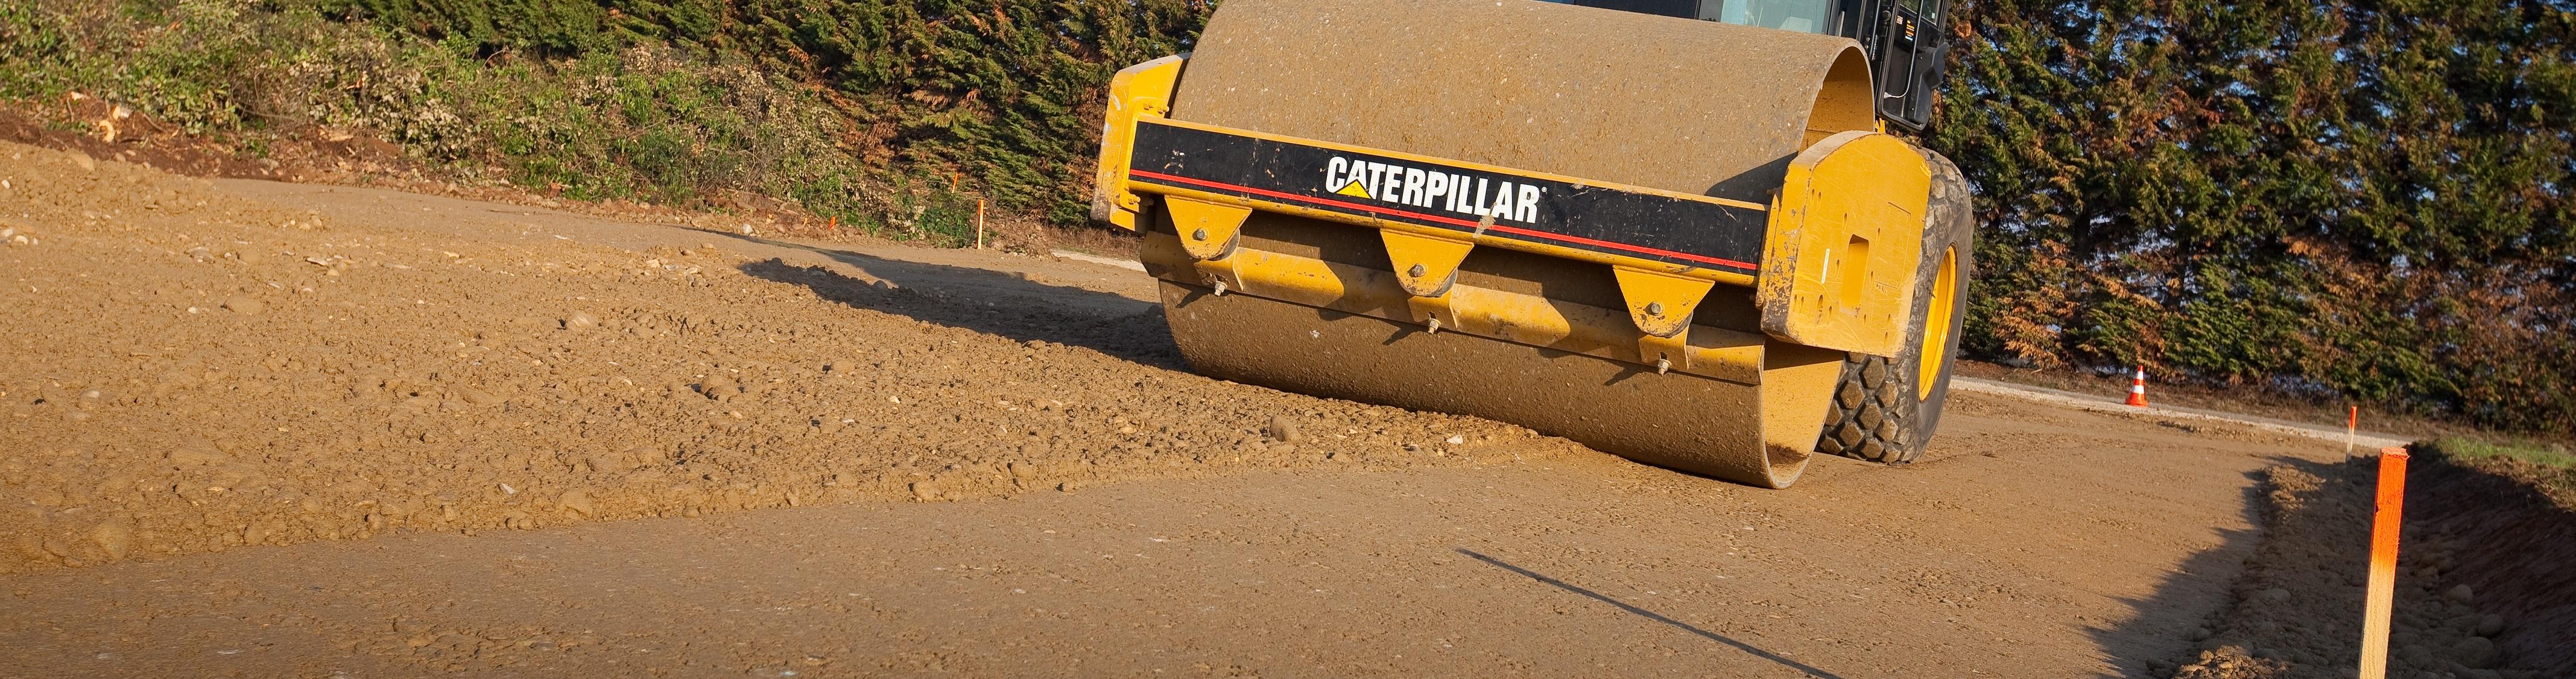 Compacteur de terrassement Caterpillar CS533, V3, utilisé pour le compactage des plates-forme batiments et voiries.